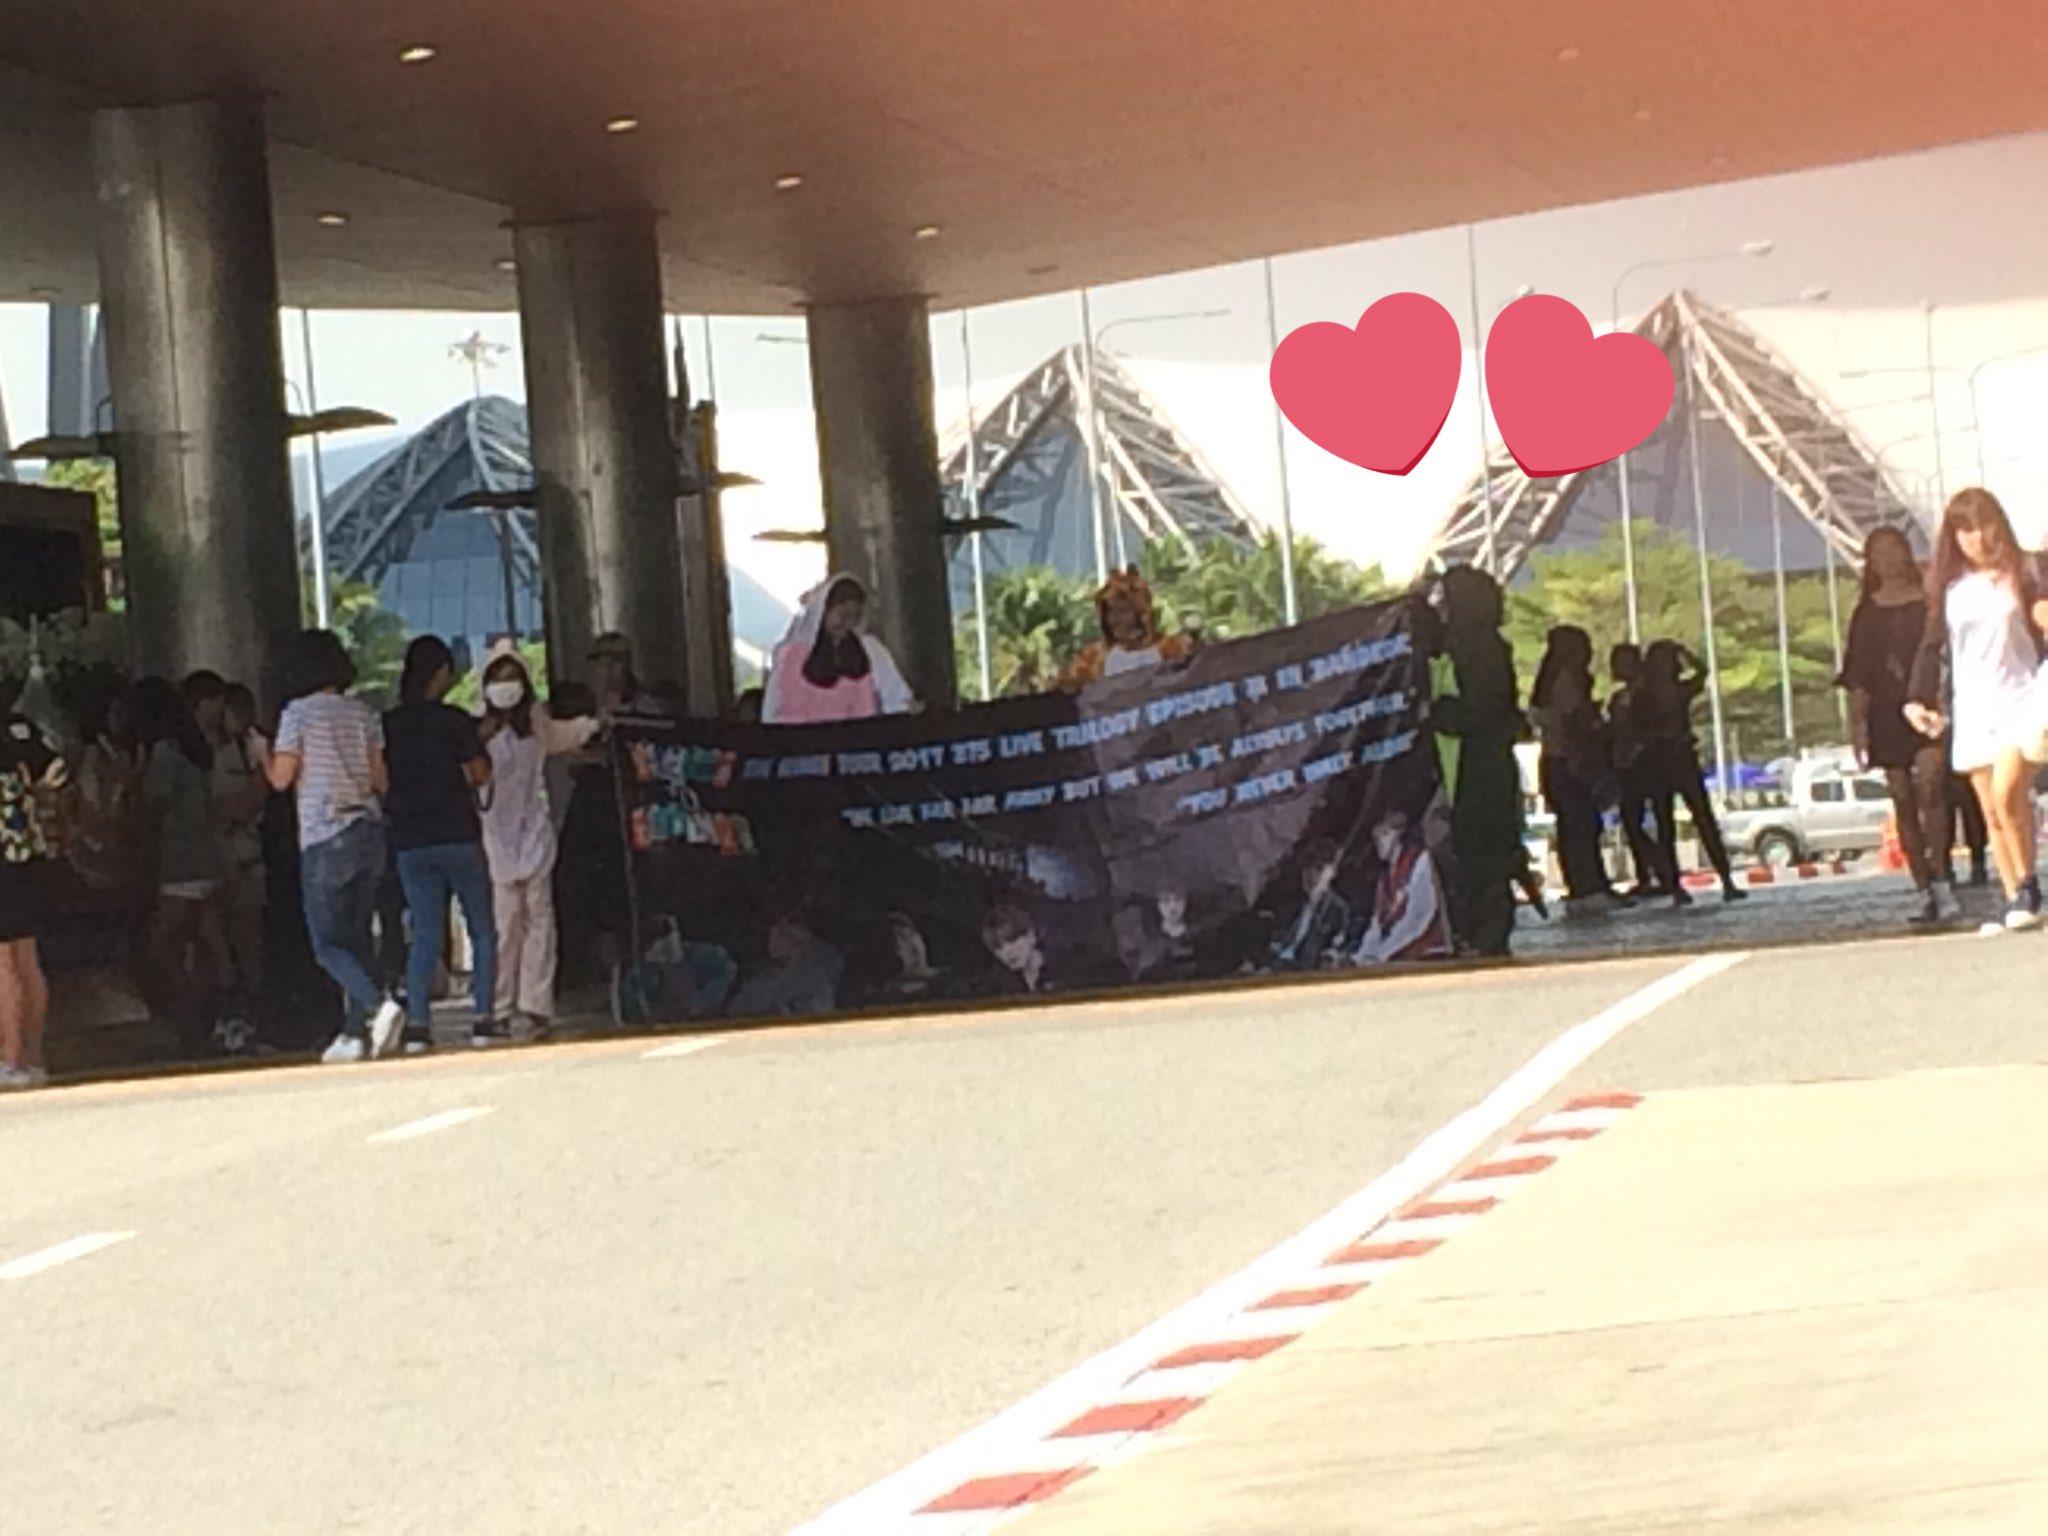 ป้ายต้อนรับบังทันค่ะ �� #THEWINGSTOURinbangkok #WelcomeBTStoThailand https://t.co/pRSLST0yLg